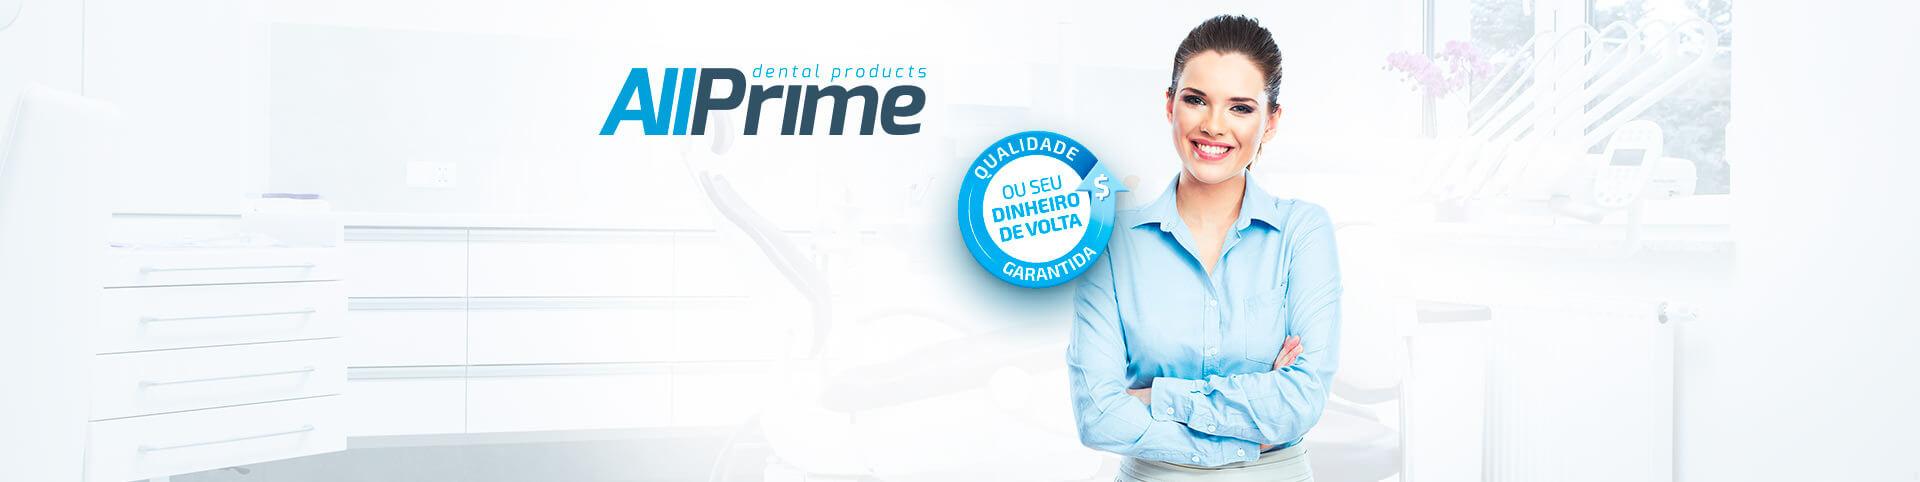 AllPrime dental products